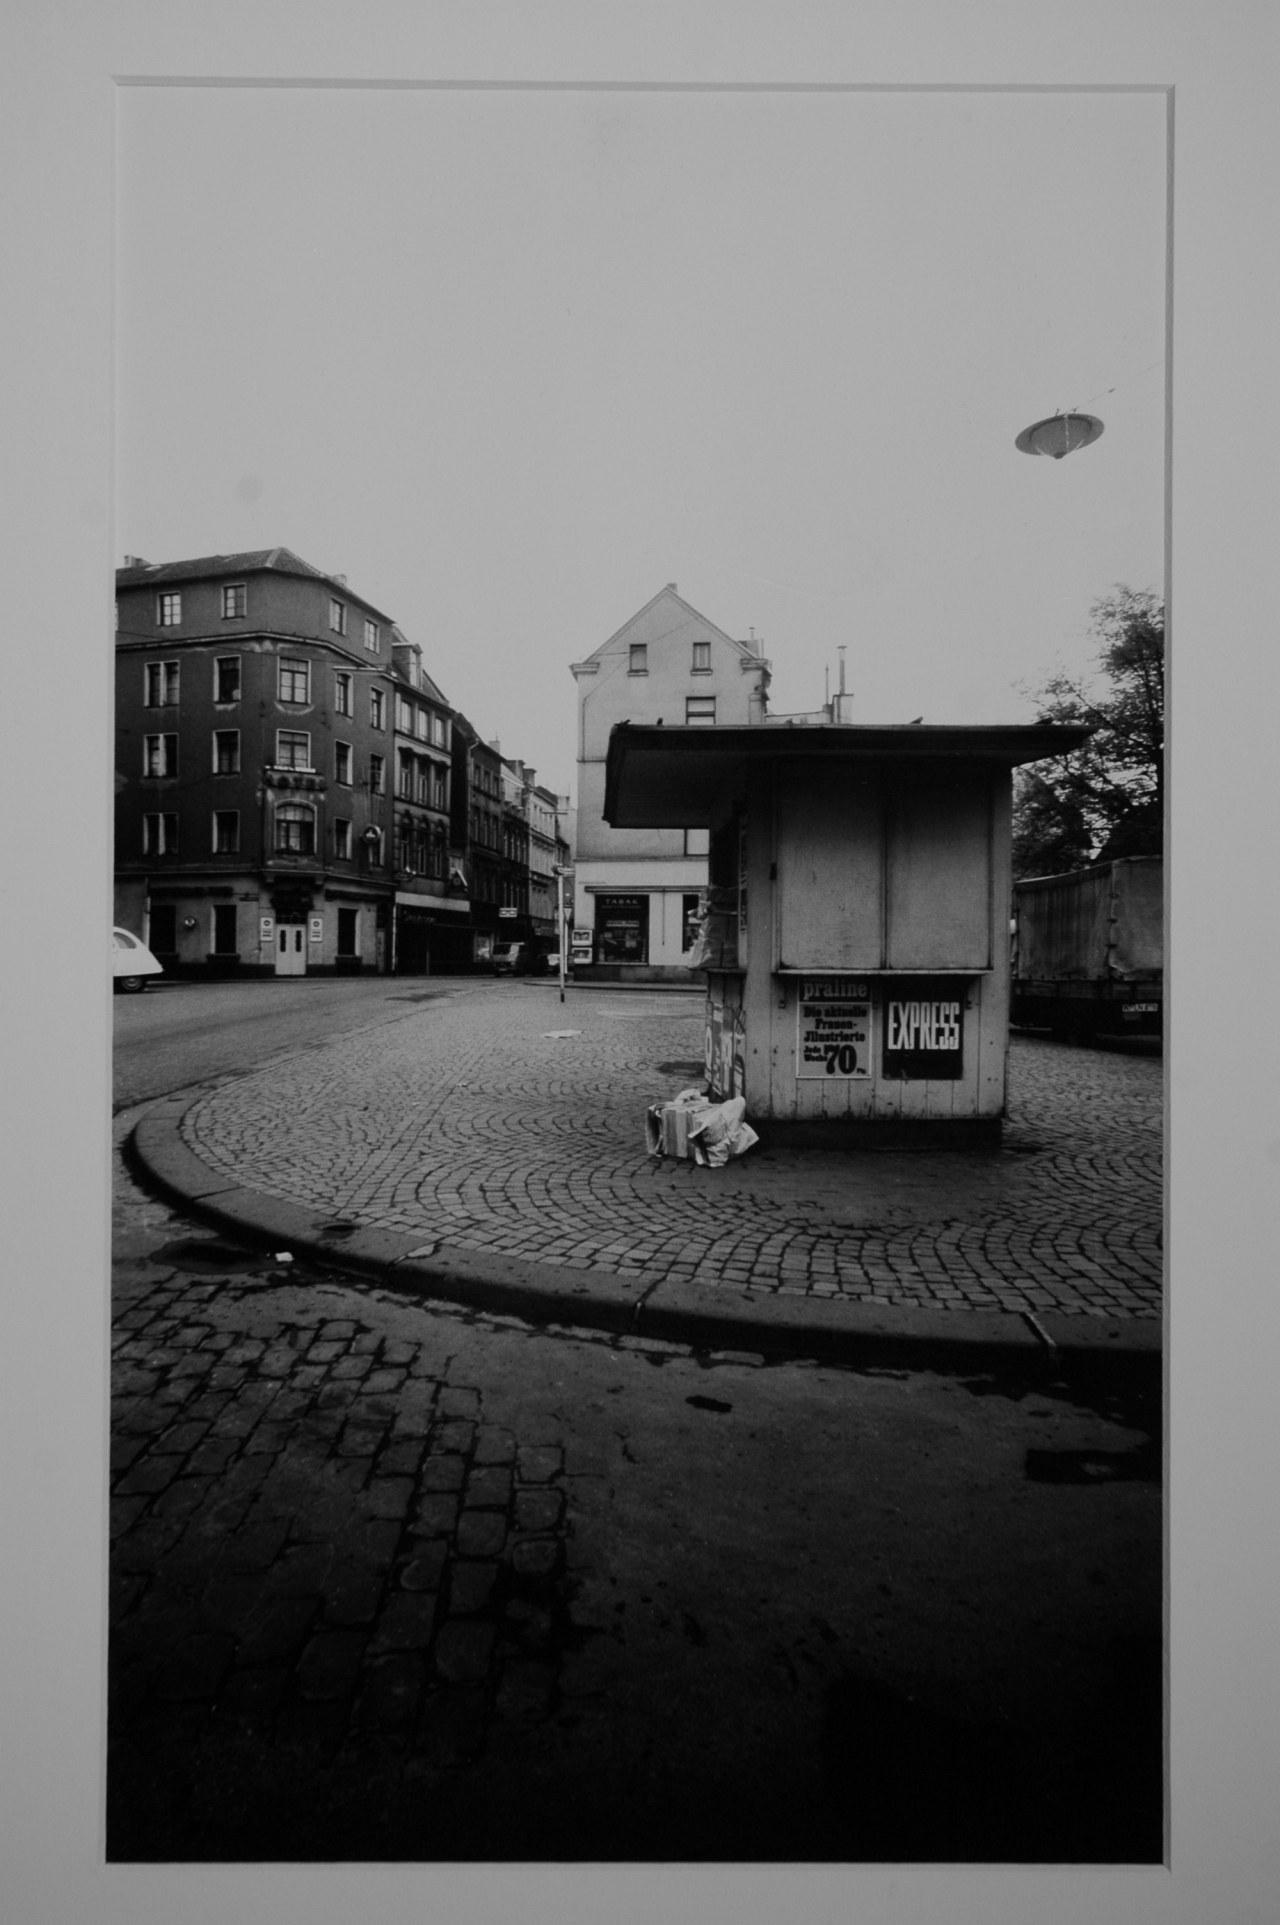 Köln 5 Uhr 30 / 13 Uhr 30 / 21 Uhr 30 - Bild 3